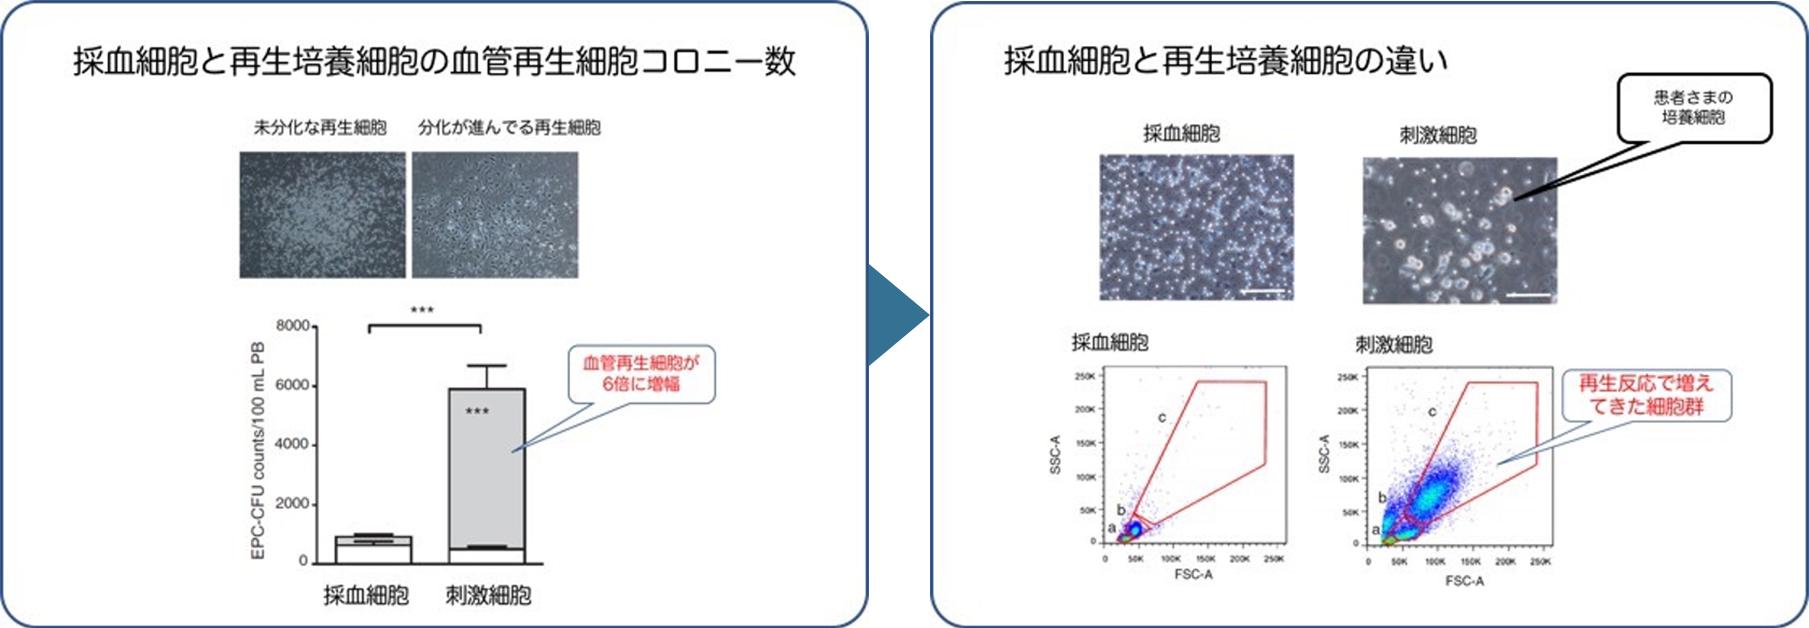 血管再生細胞の数と質